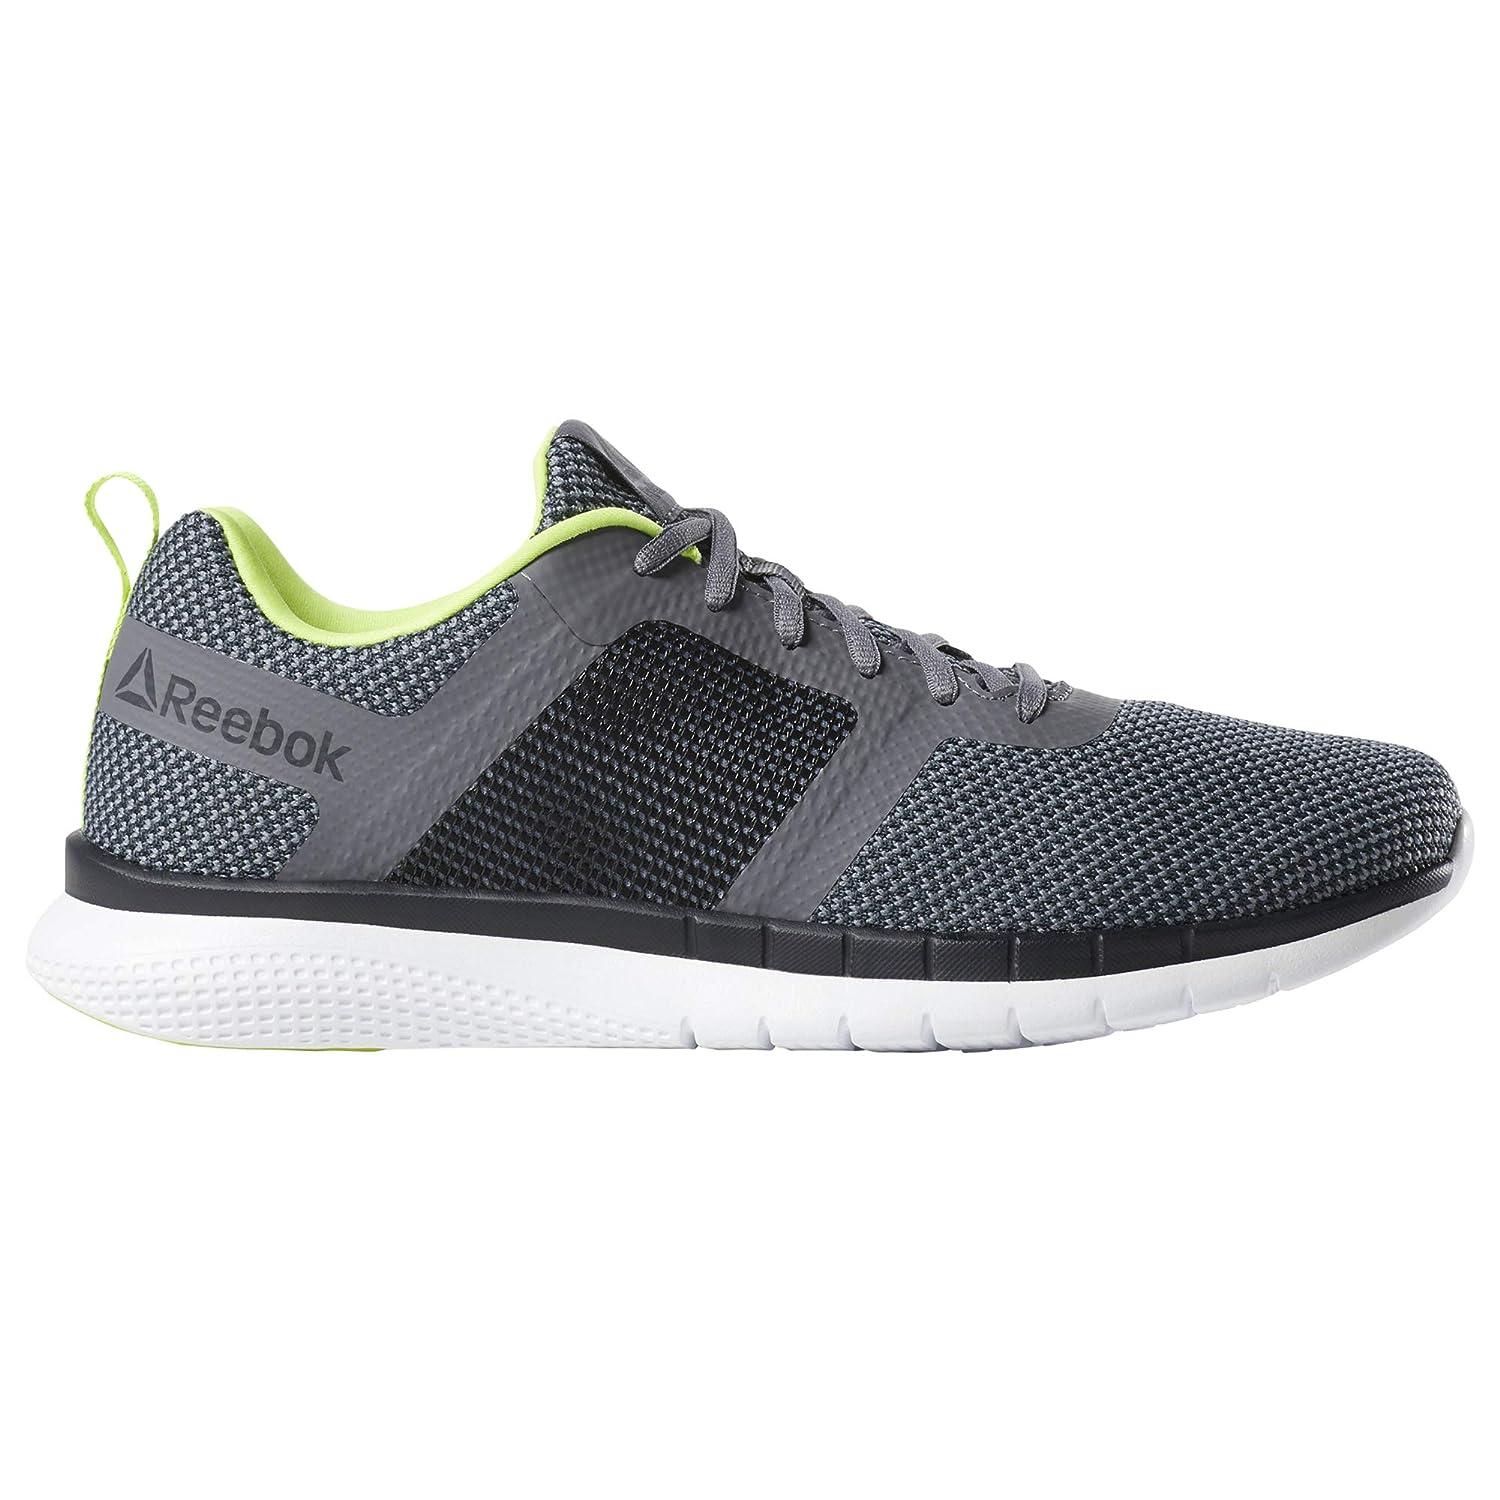 Reebok Men/'s PT Prime Runner Athletic Running Shoes